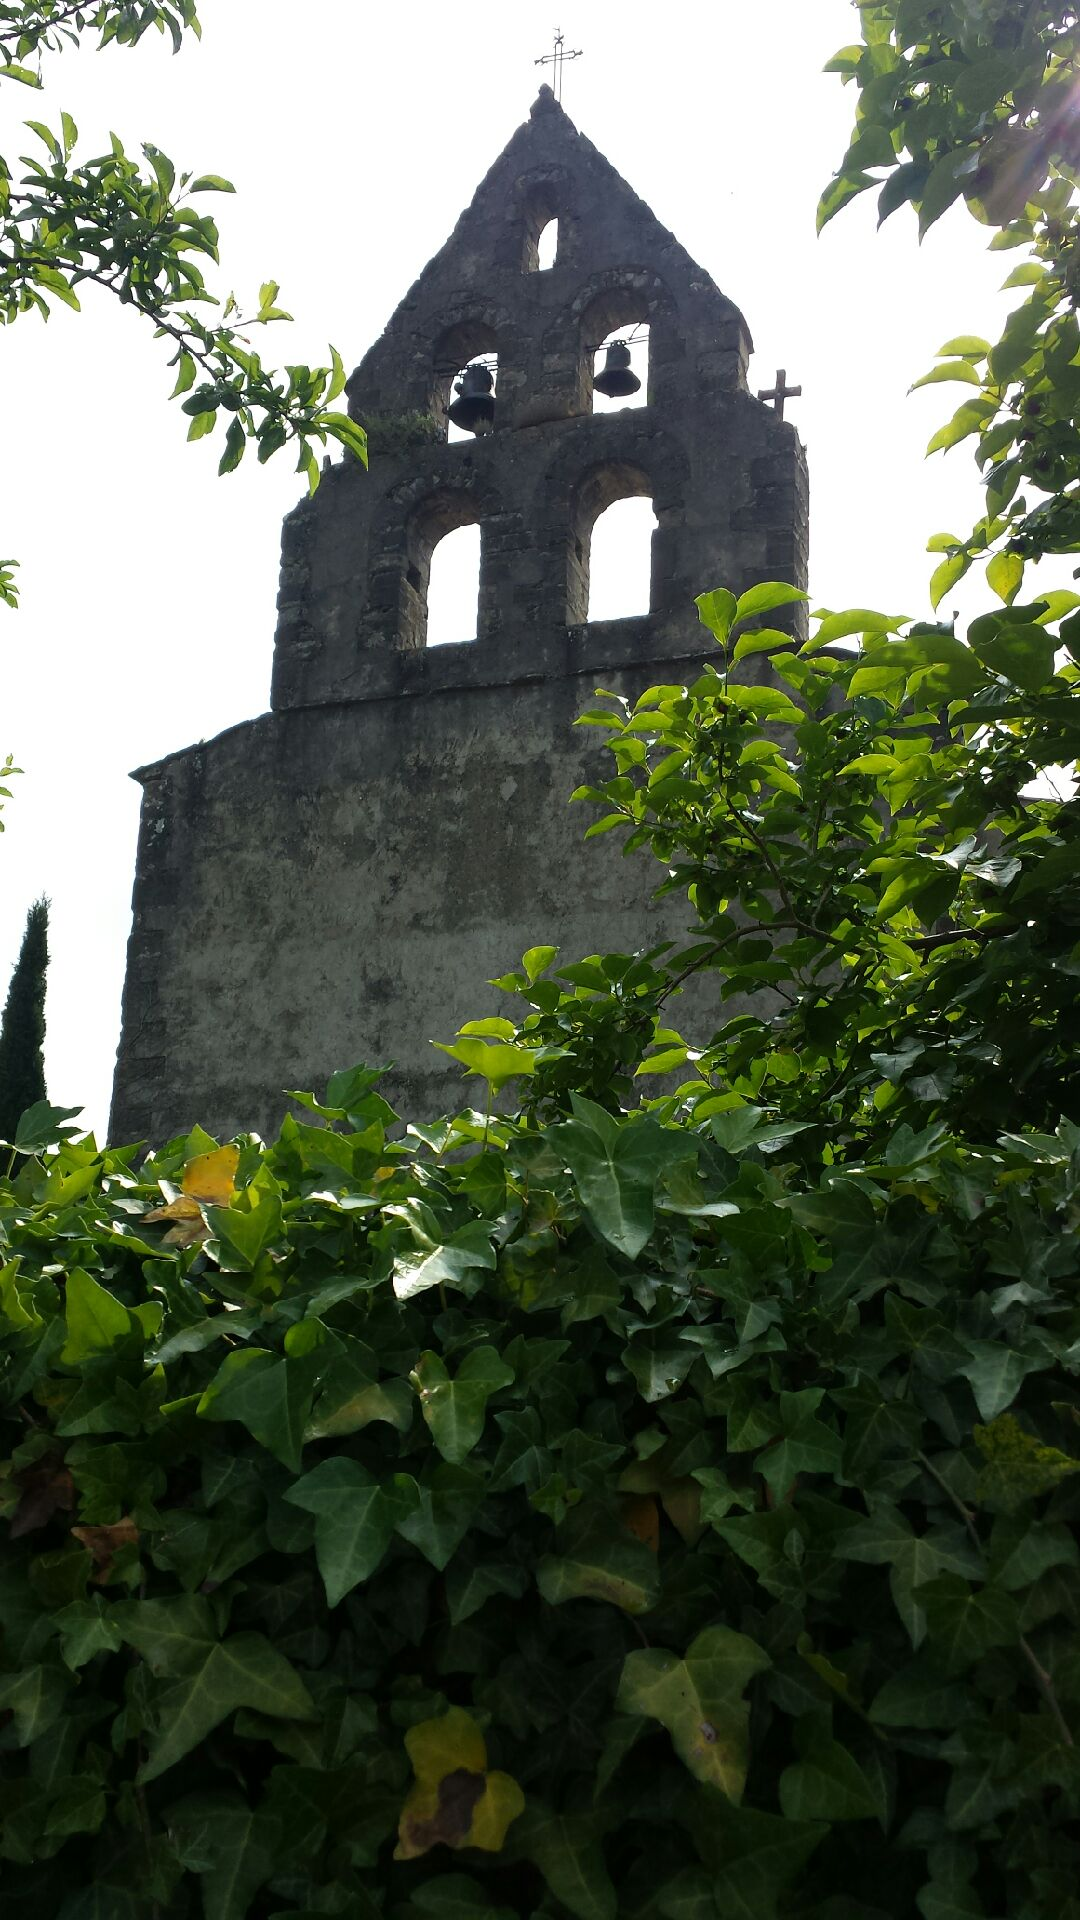 CLOCHER DE L'EGLISE DE COURTAULY